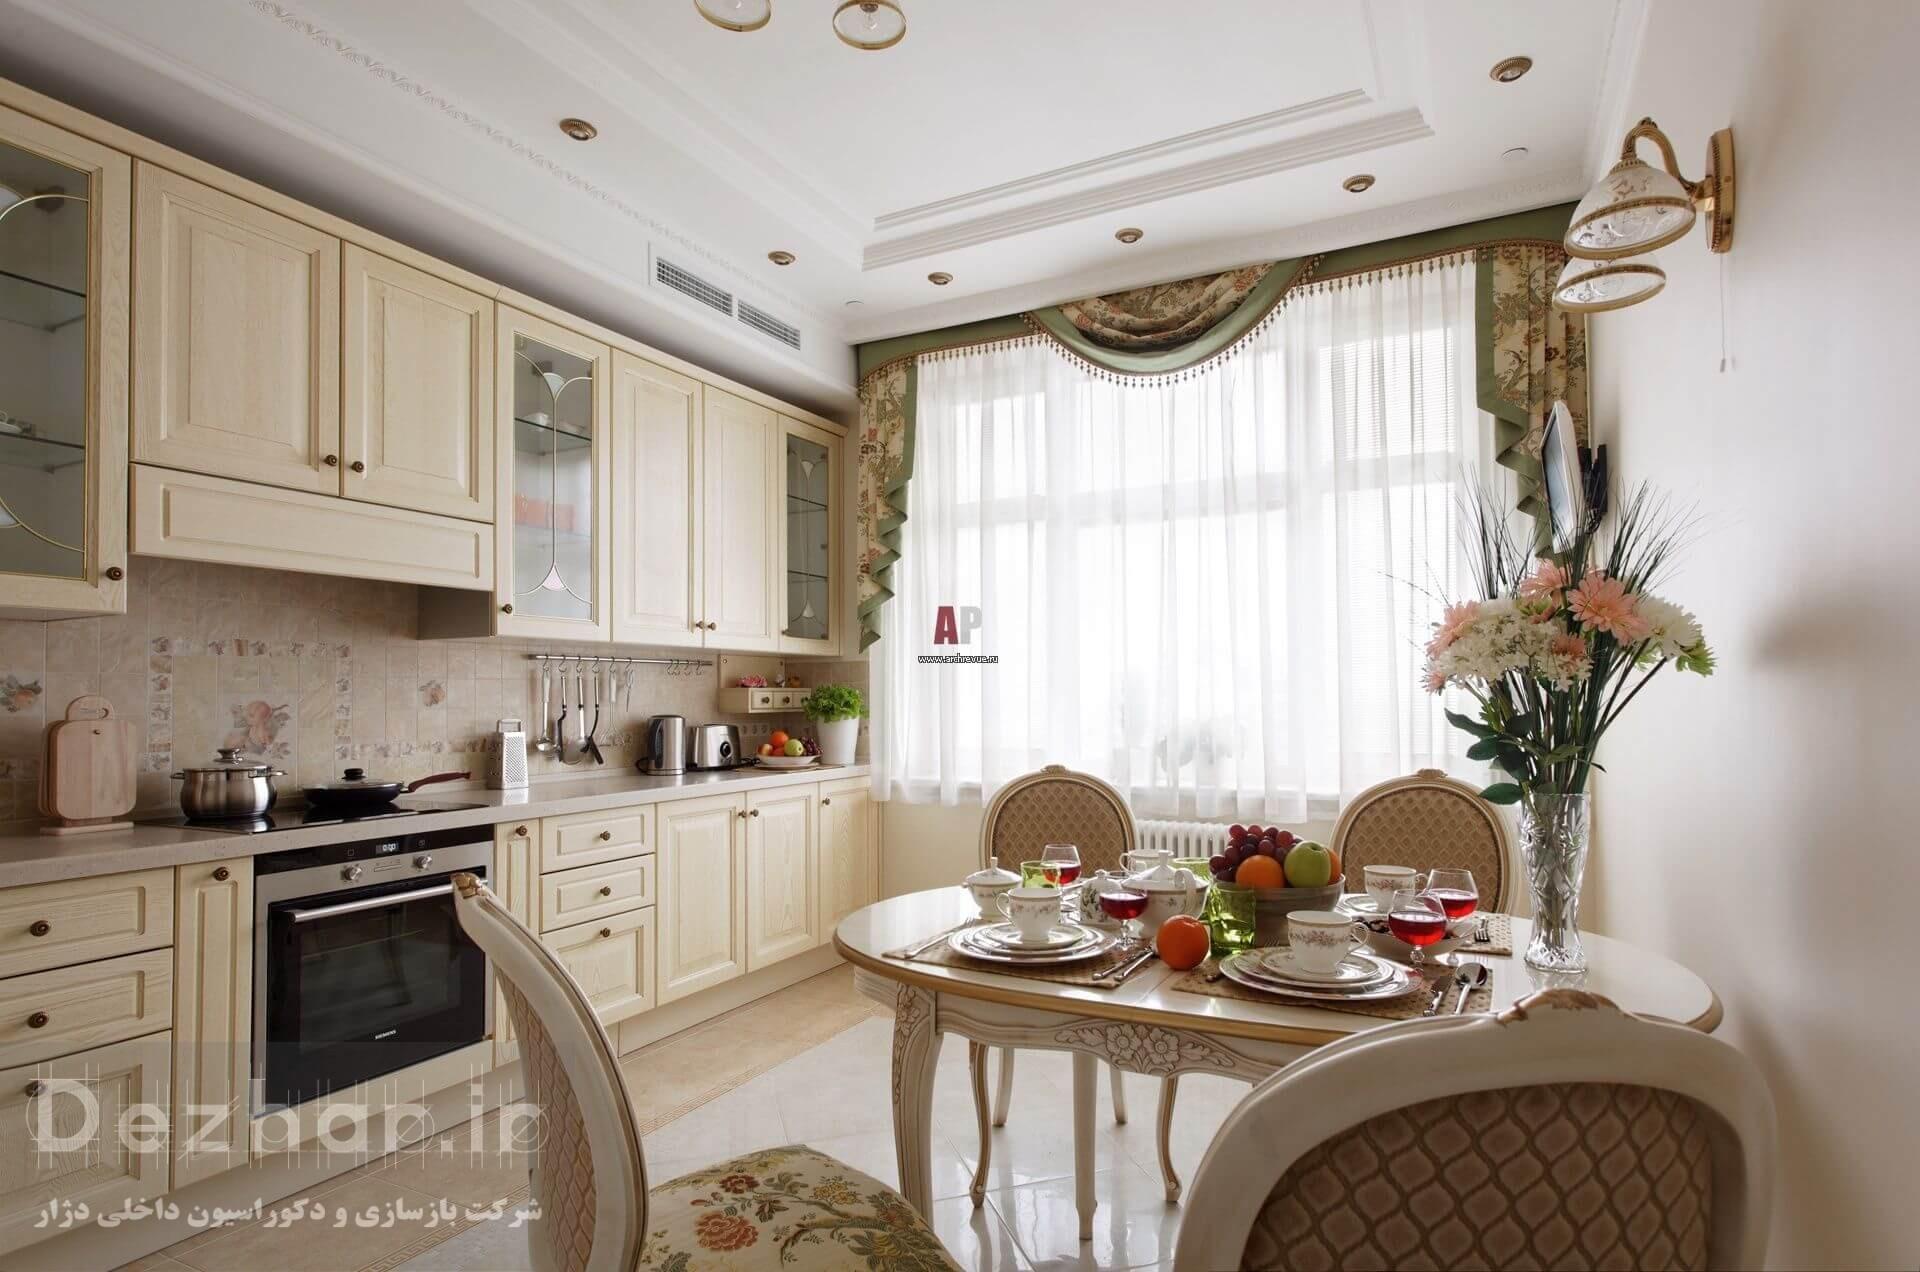 طراحی آشپزخانه به سبک کلاسیک